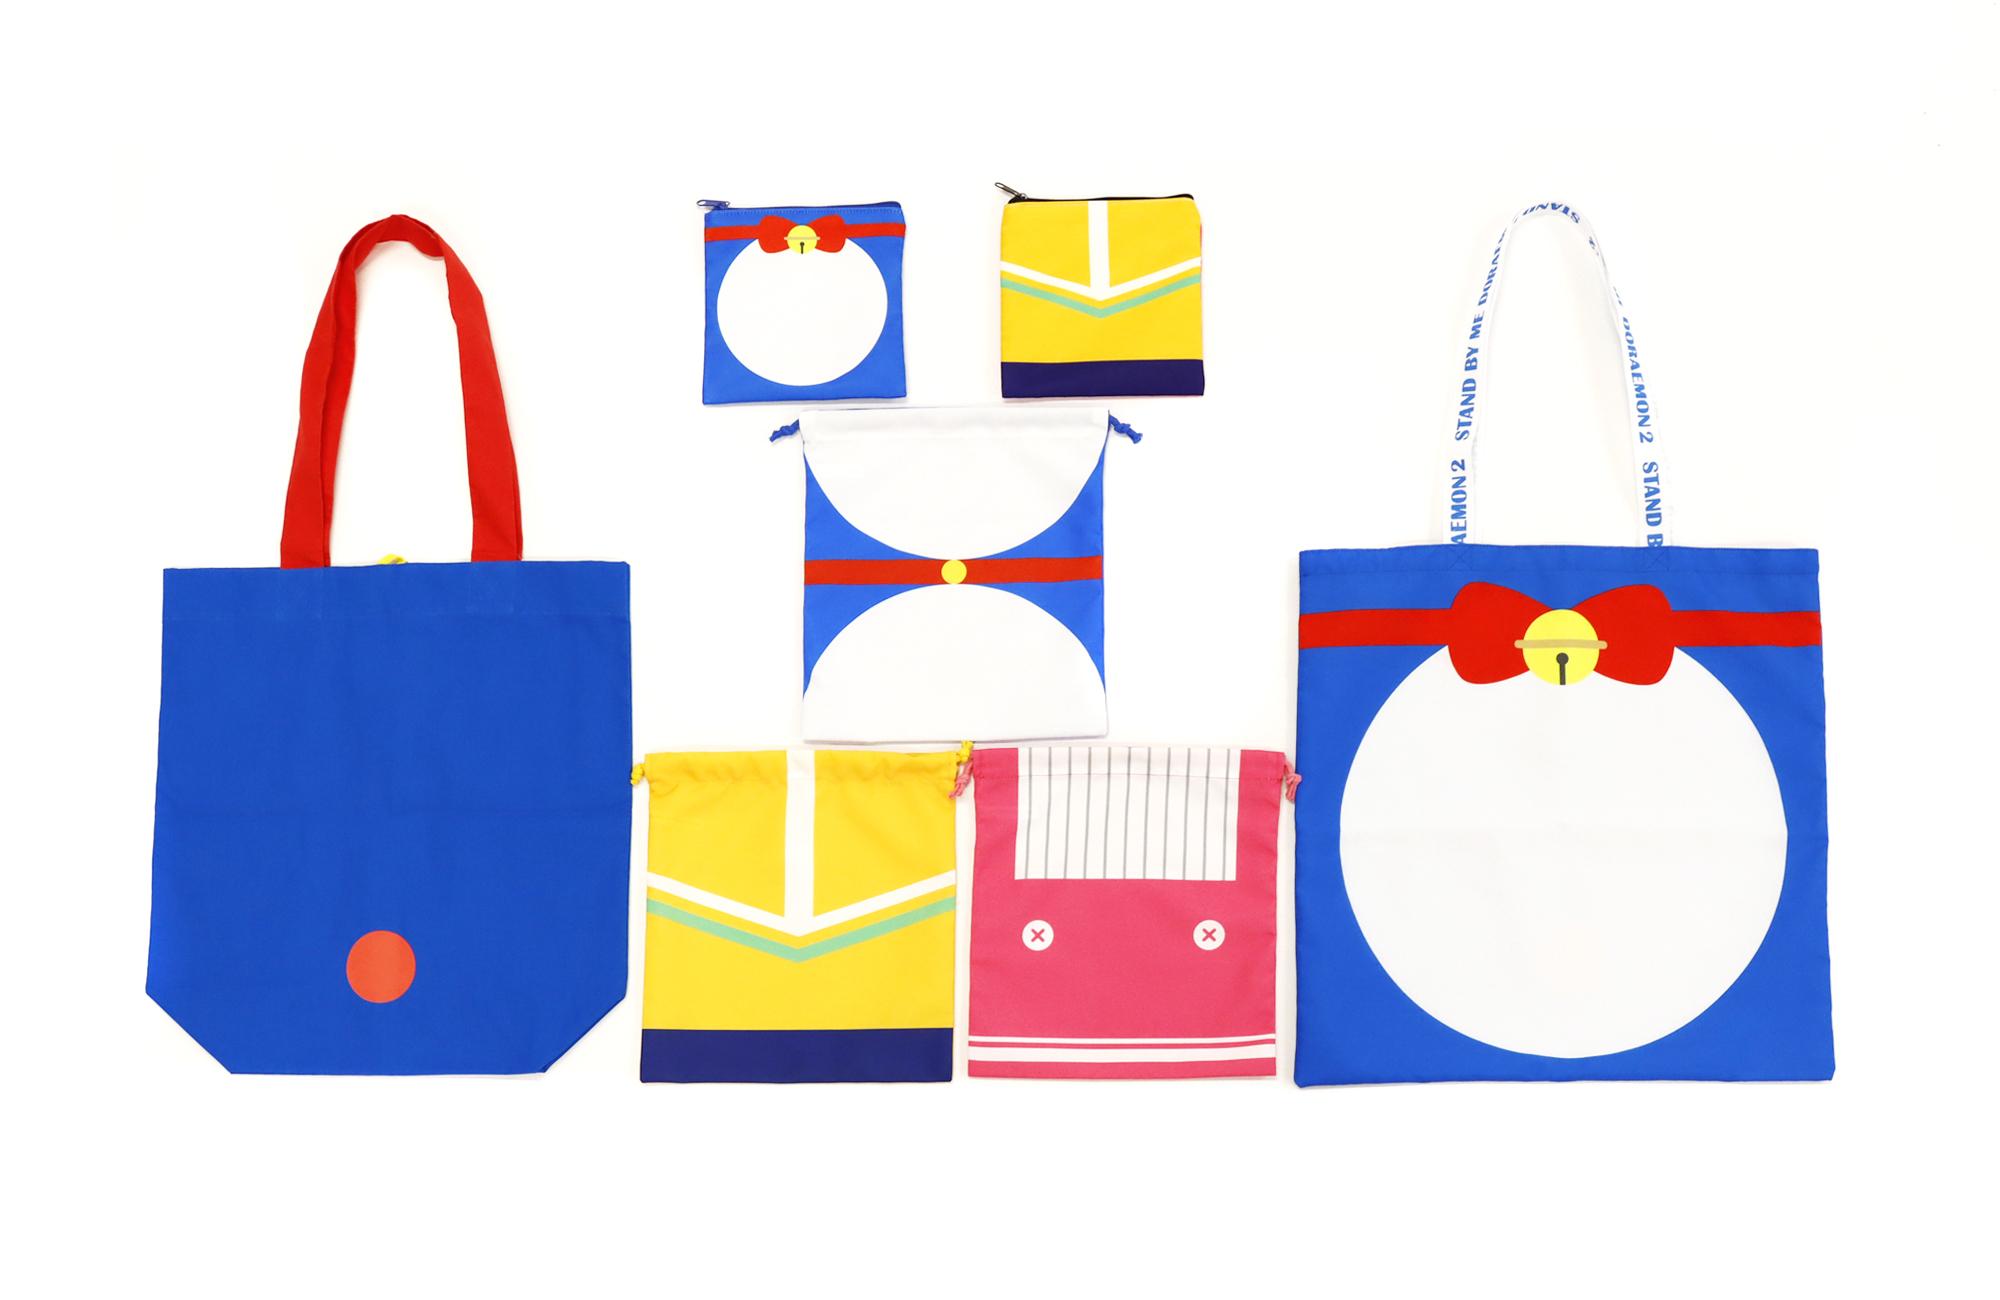 「ドラえもん」SPコレクションが「ASOKO」に登場!メインキャラの洋服をイメージしたタオル・ポーチ・トートバッグなど